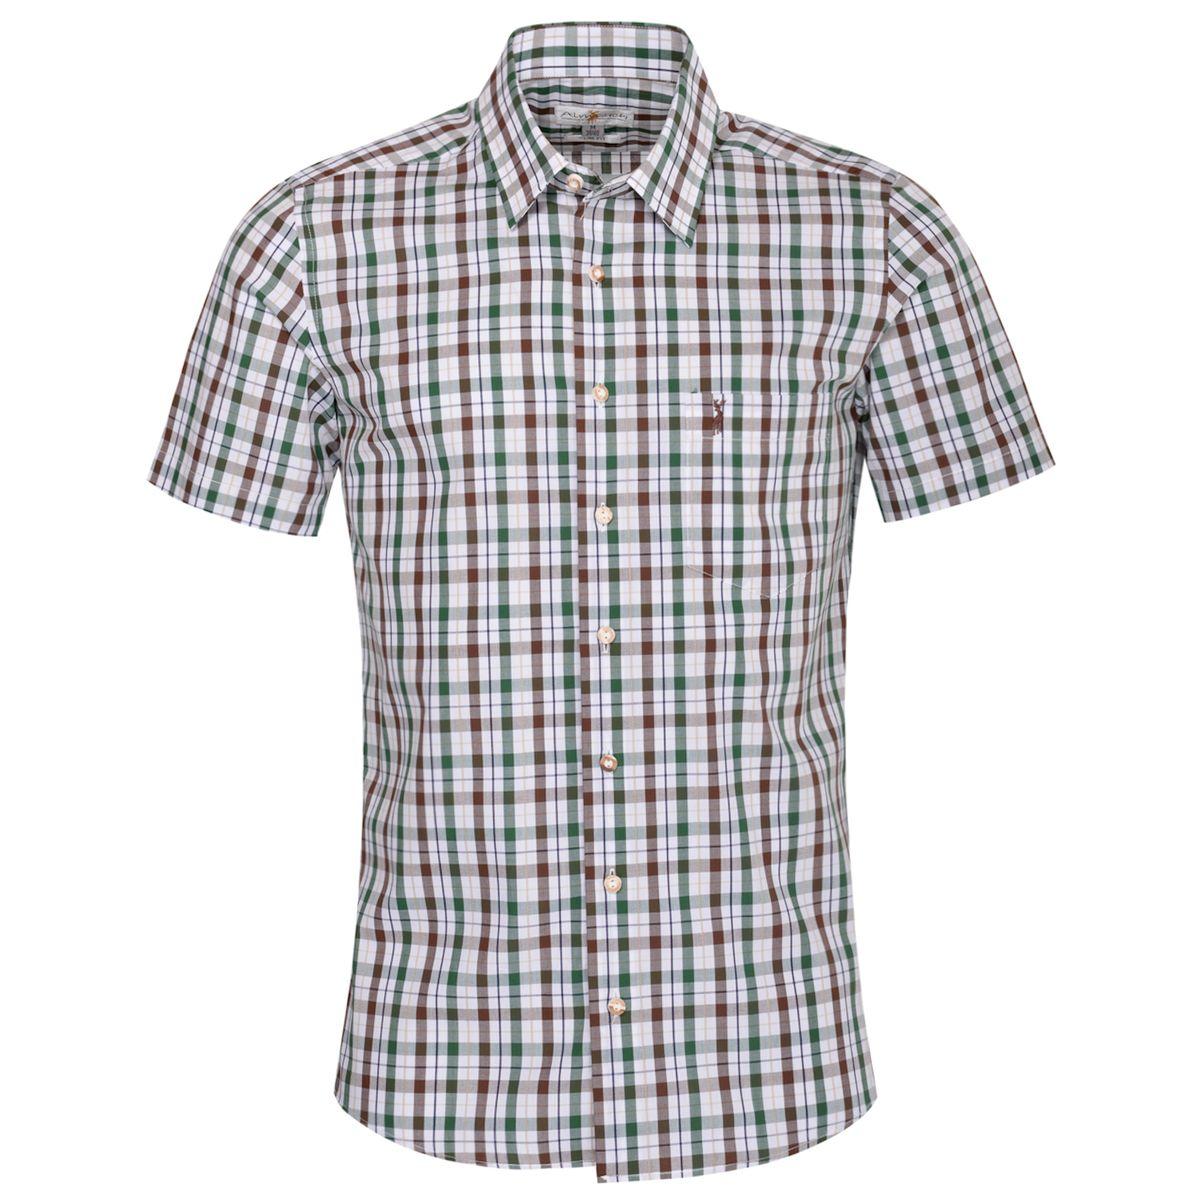 Kurzarm Trachtenhemd Gustav Slim Fit zweifarbig in Braun und Dunkelgrün von Almsach günstig online kaufen